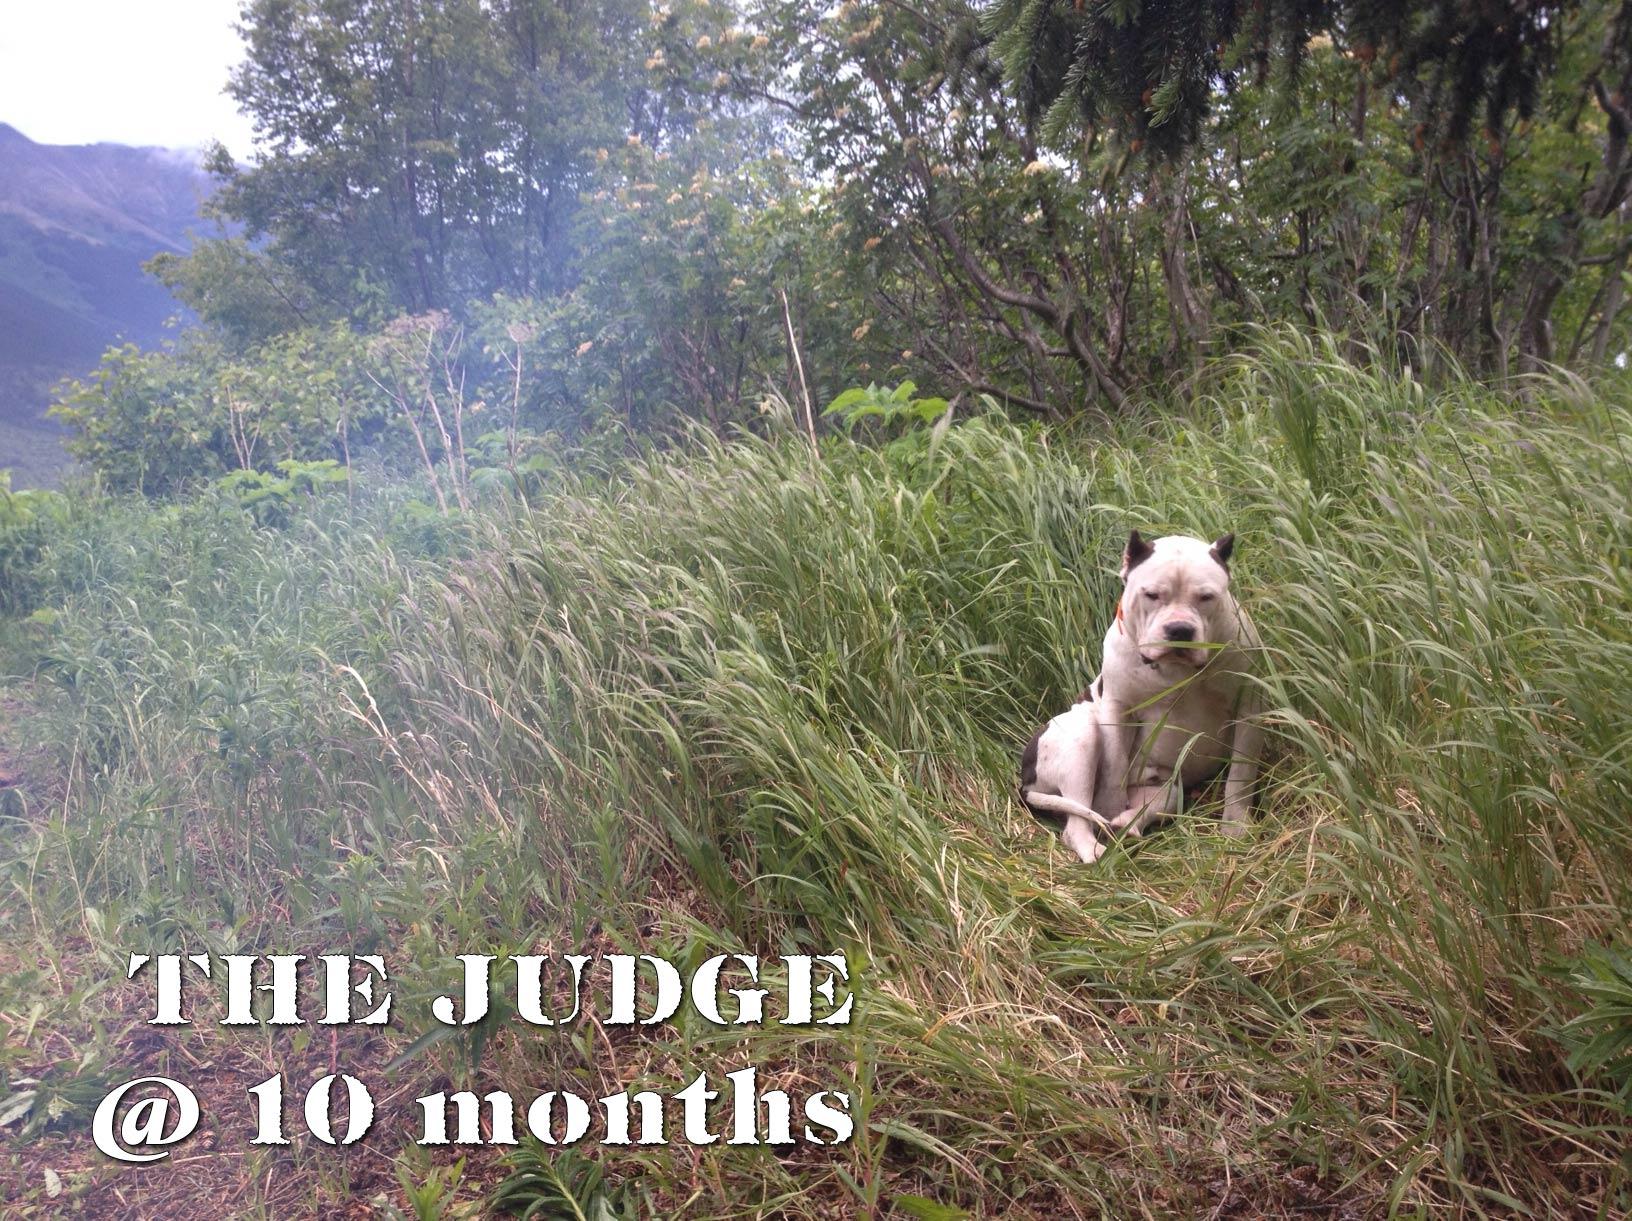 Judge-10-months.jpg